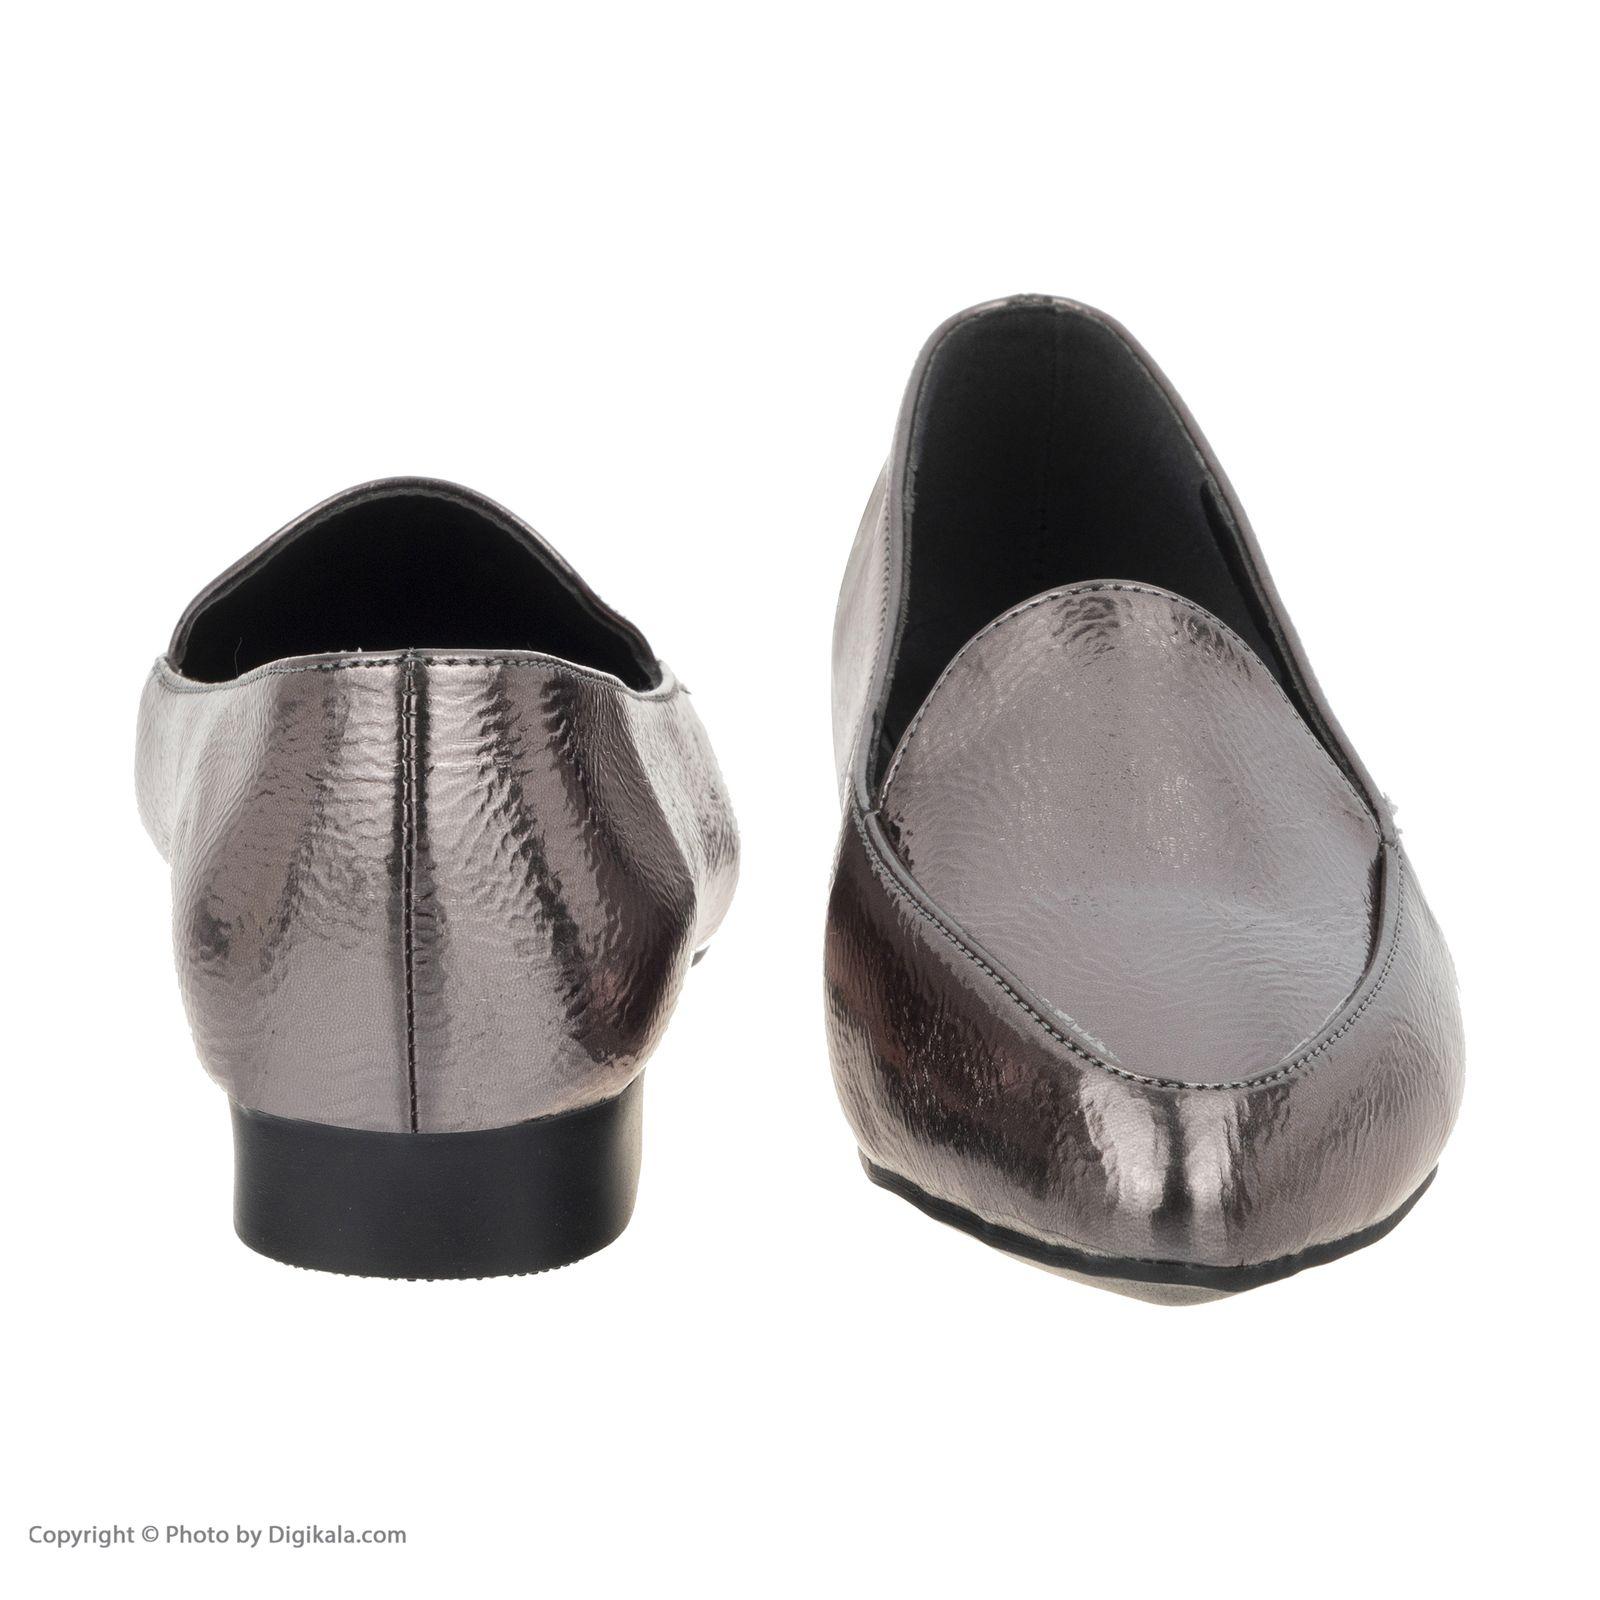 کفش زنانه مدل 6106 -  - 5